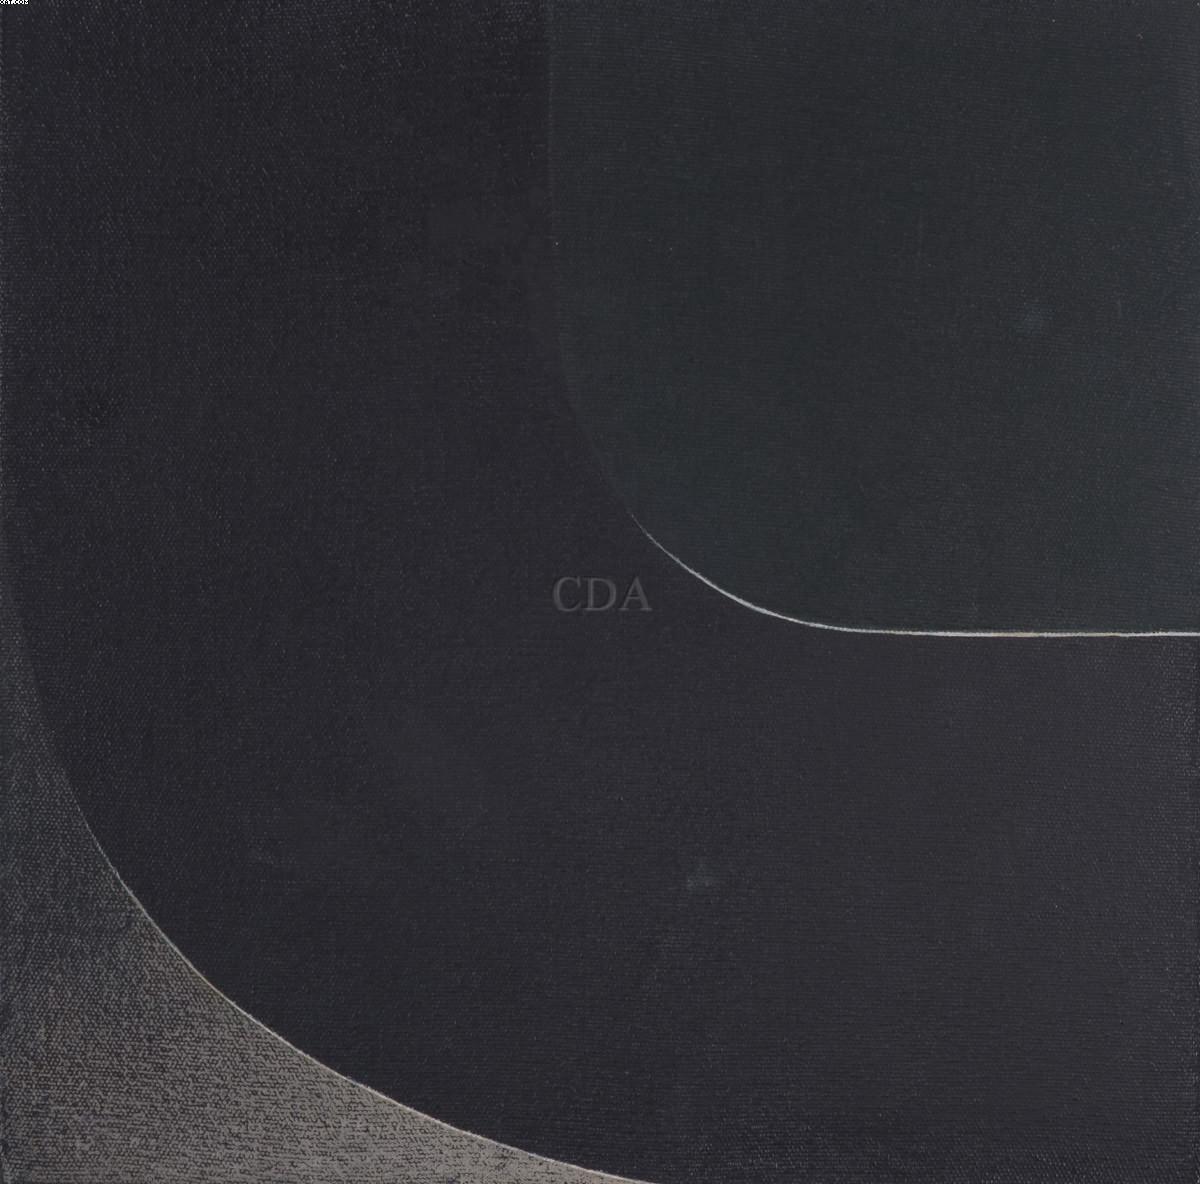 Composição - Tomie Ohtake